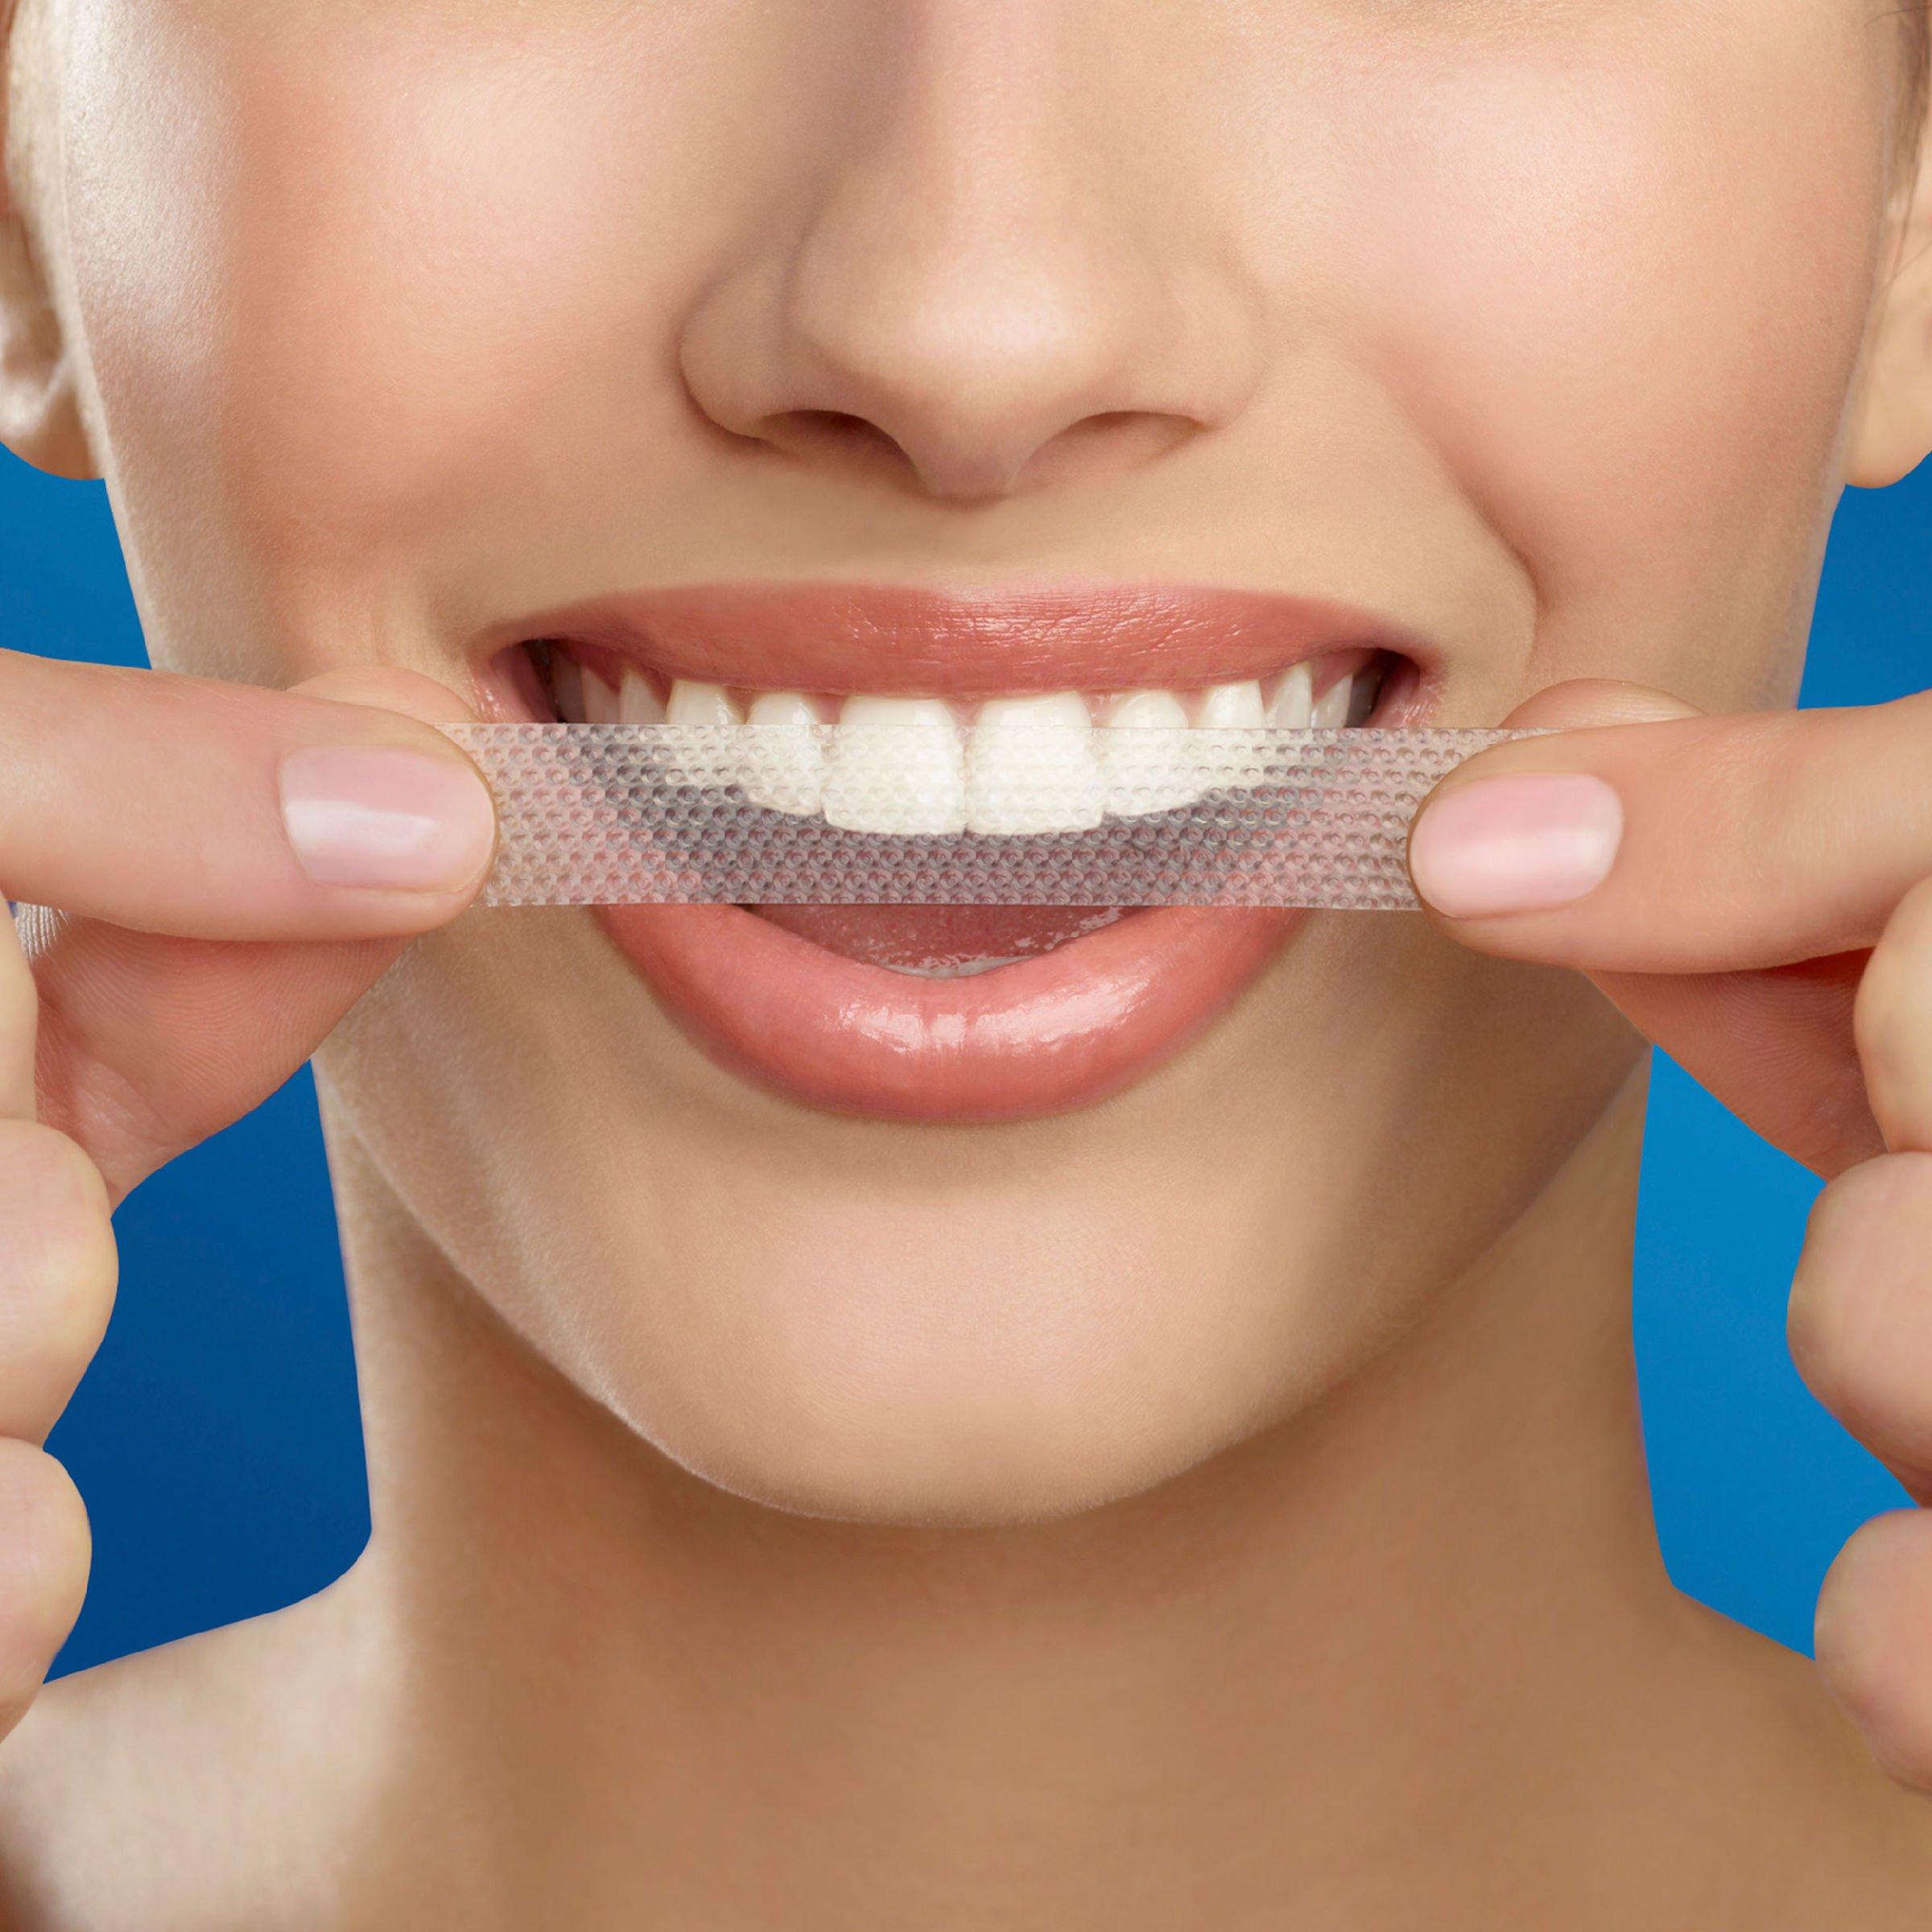 Crest 3D Whitestrip: 1 Saatte Diş Beyazlatan Bantlar